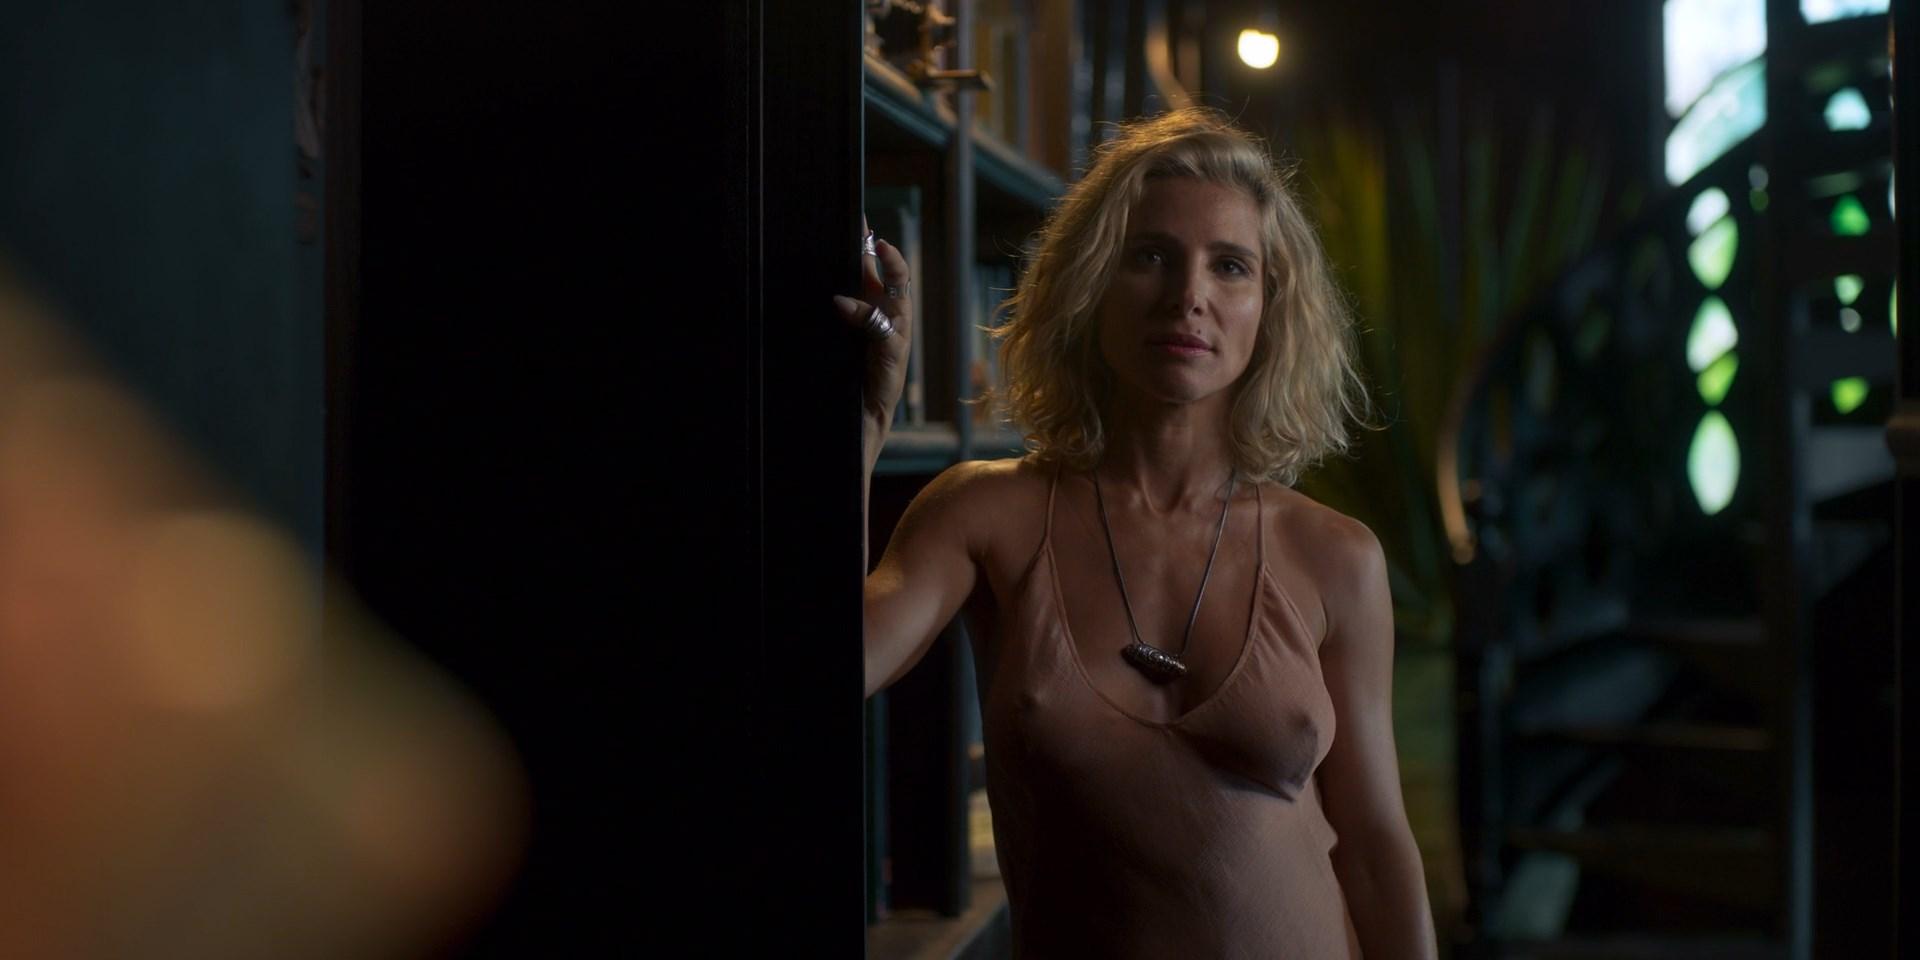 Elsa Pataky nude - Tidelands s01e01-08 (2018)